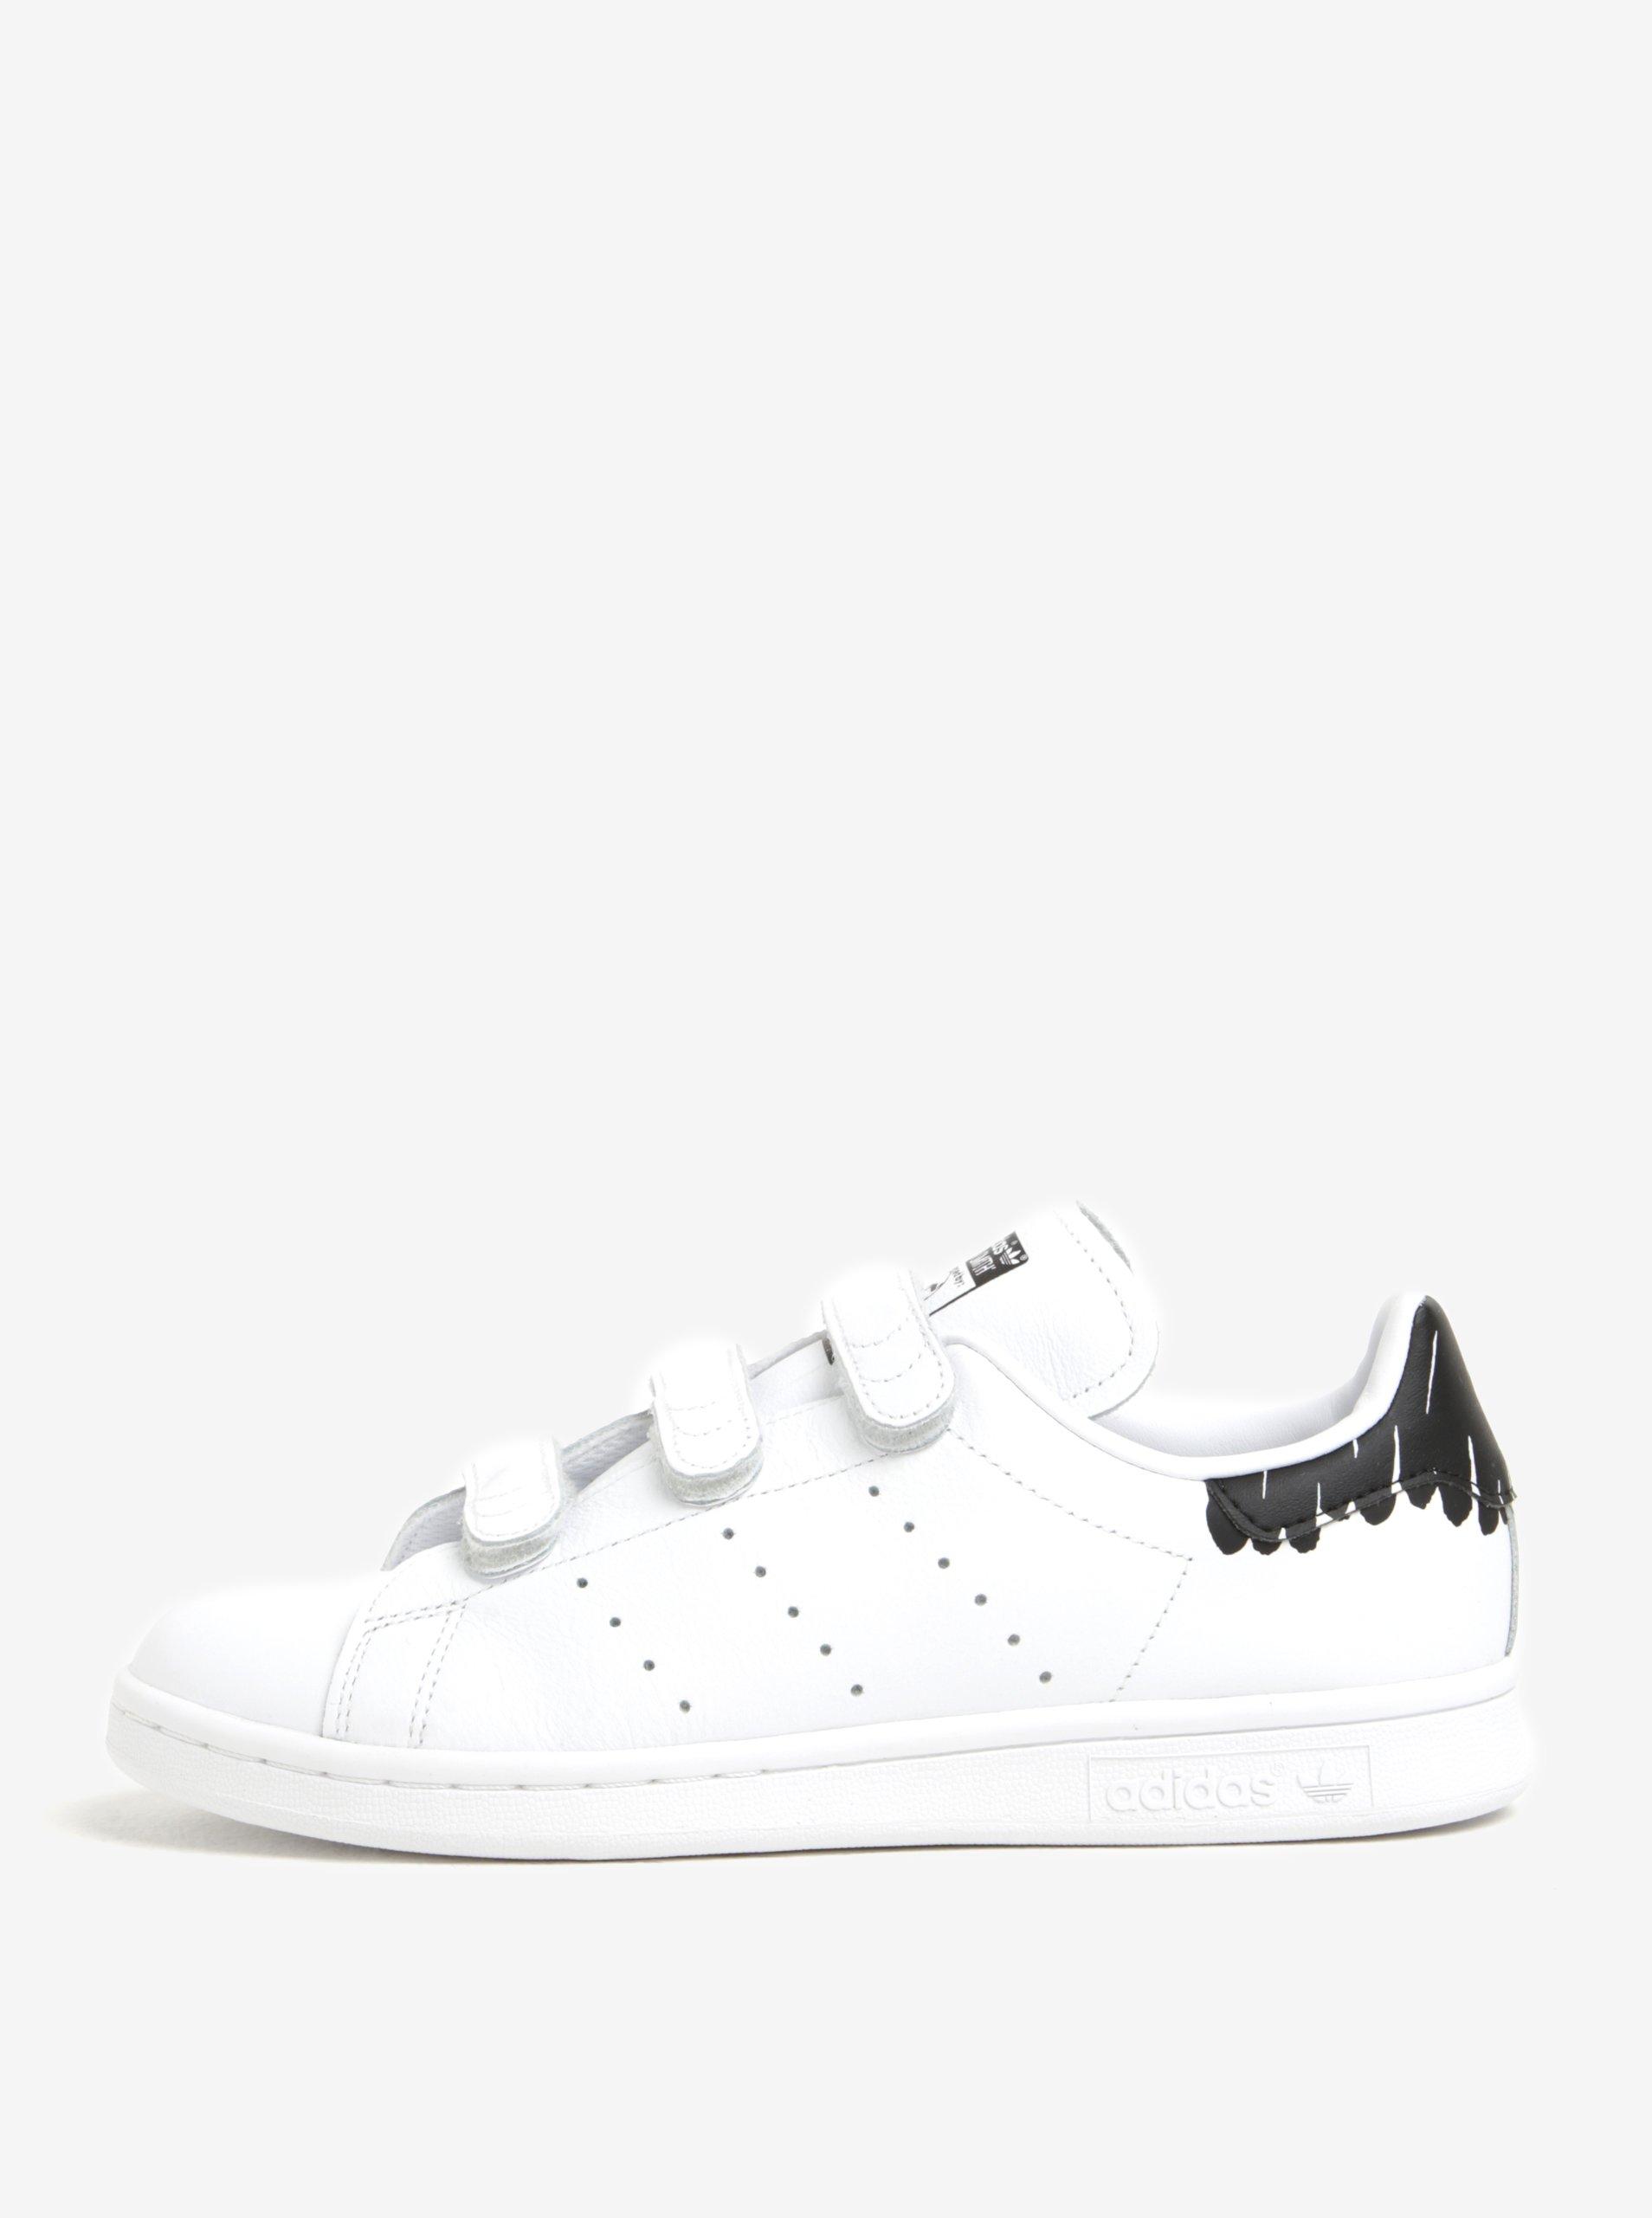 Bílé dámské tenisky na suchý zip adidas Originals Stan Smith